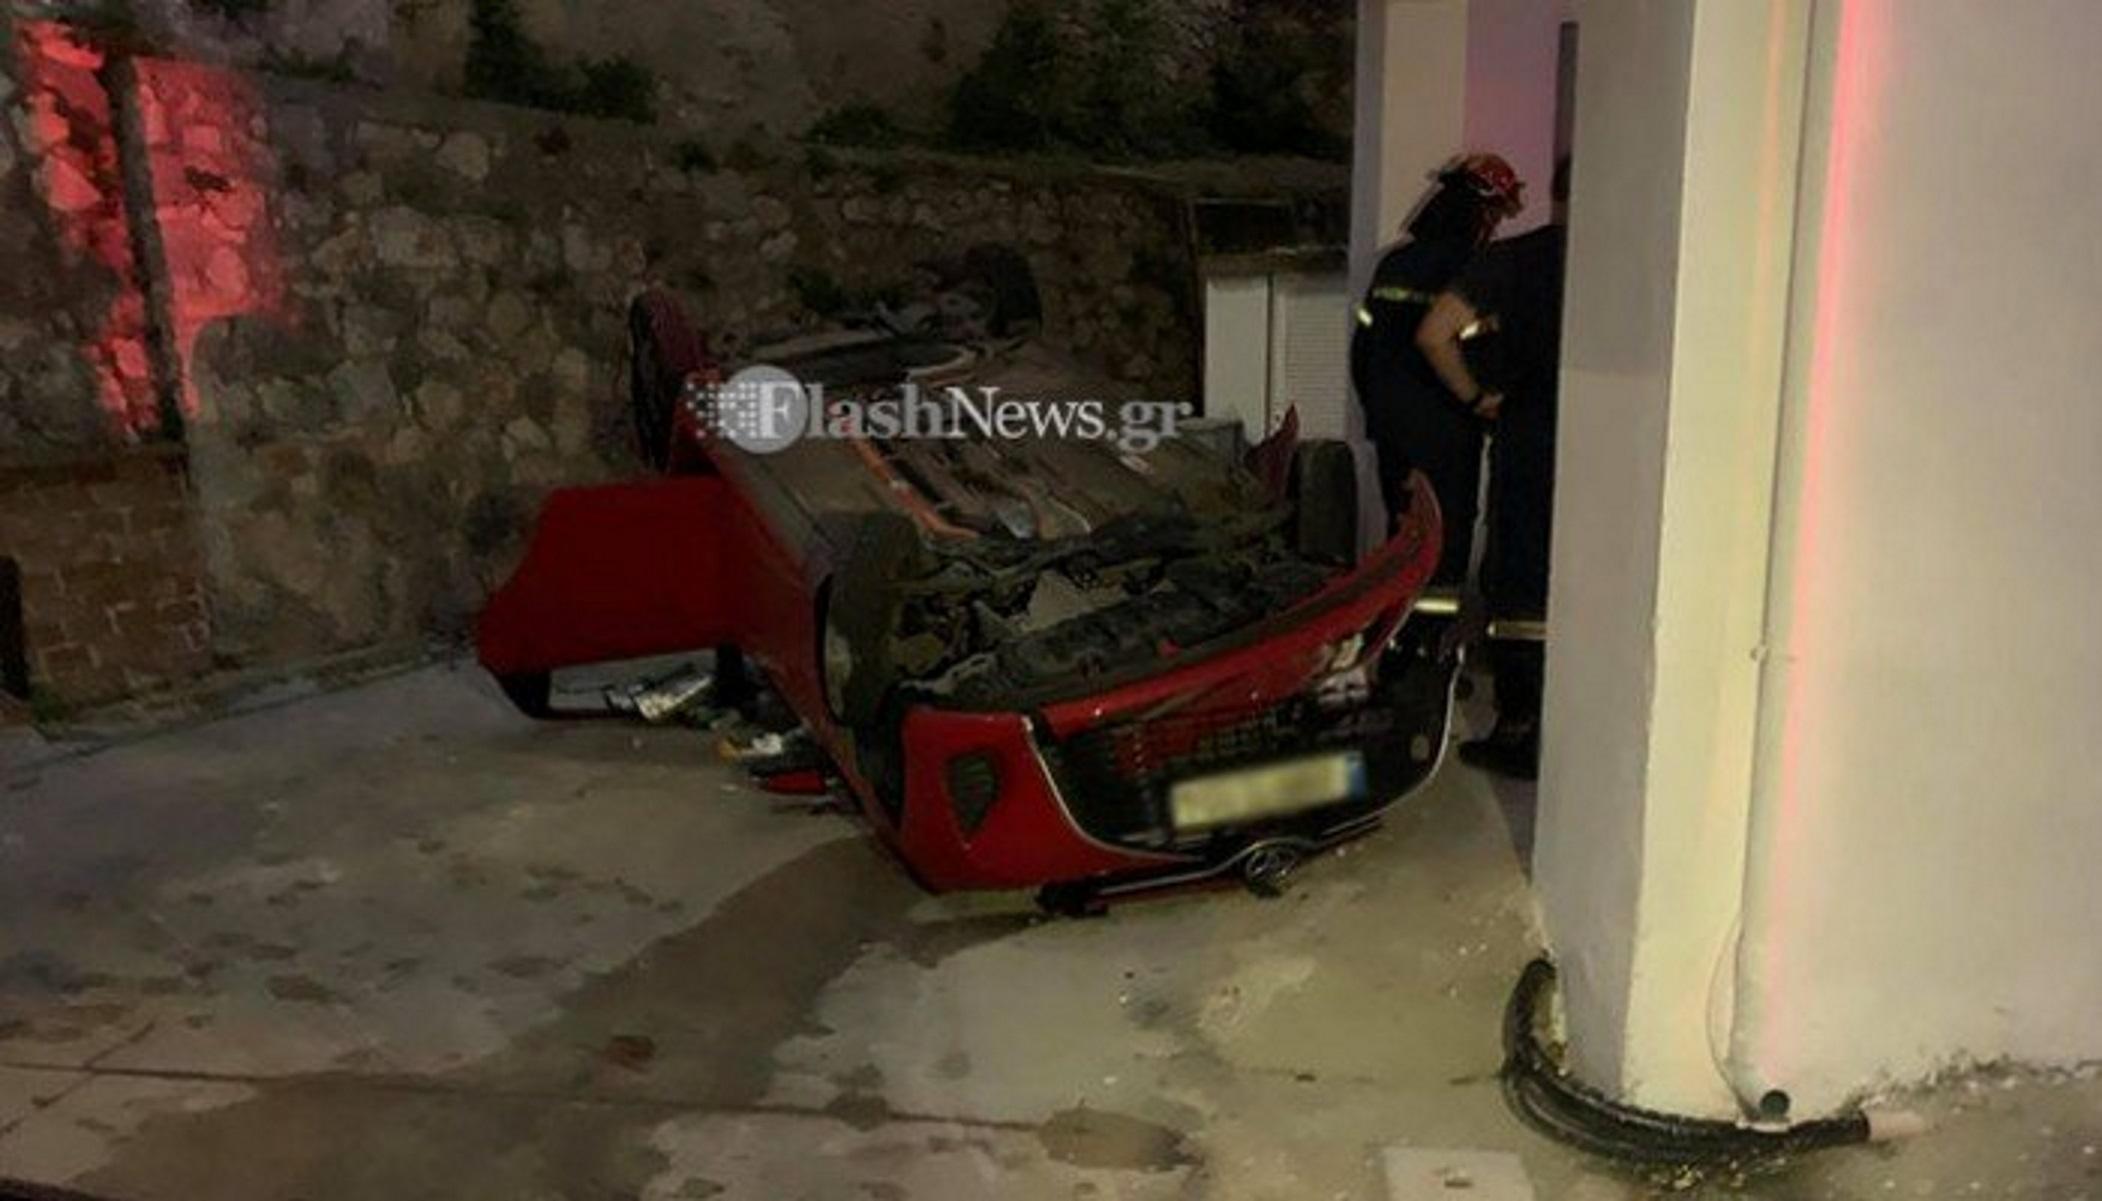 Τροχαίο ατύχημα στα Χανιά: Αυτοκίνητο με δύο μικρά παιδιά έπεσε σε ακάλυπτο πολυκατοικίας